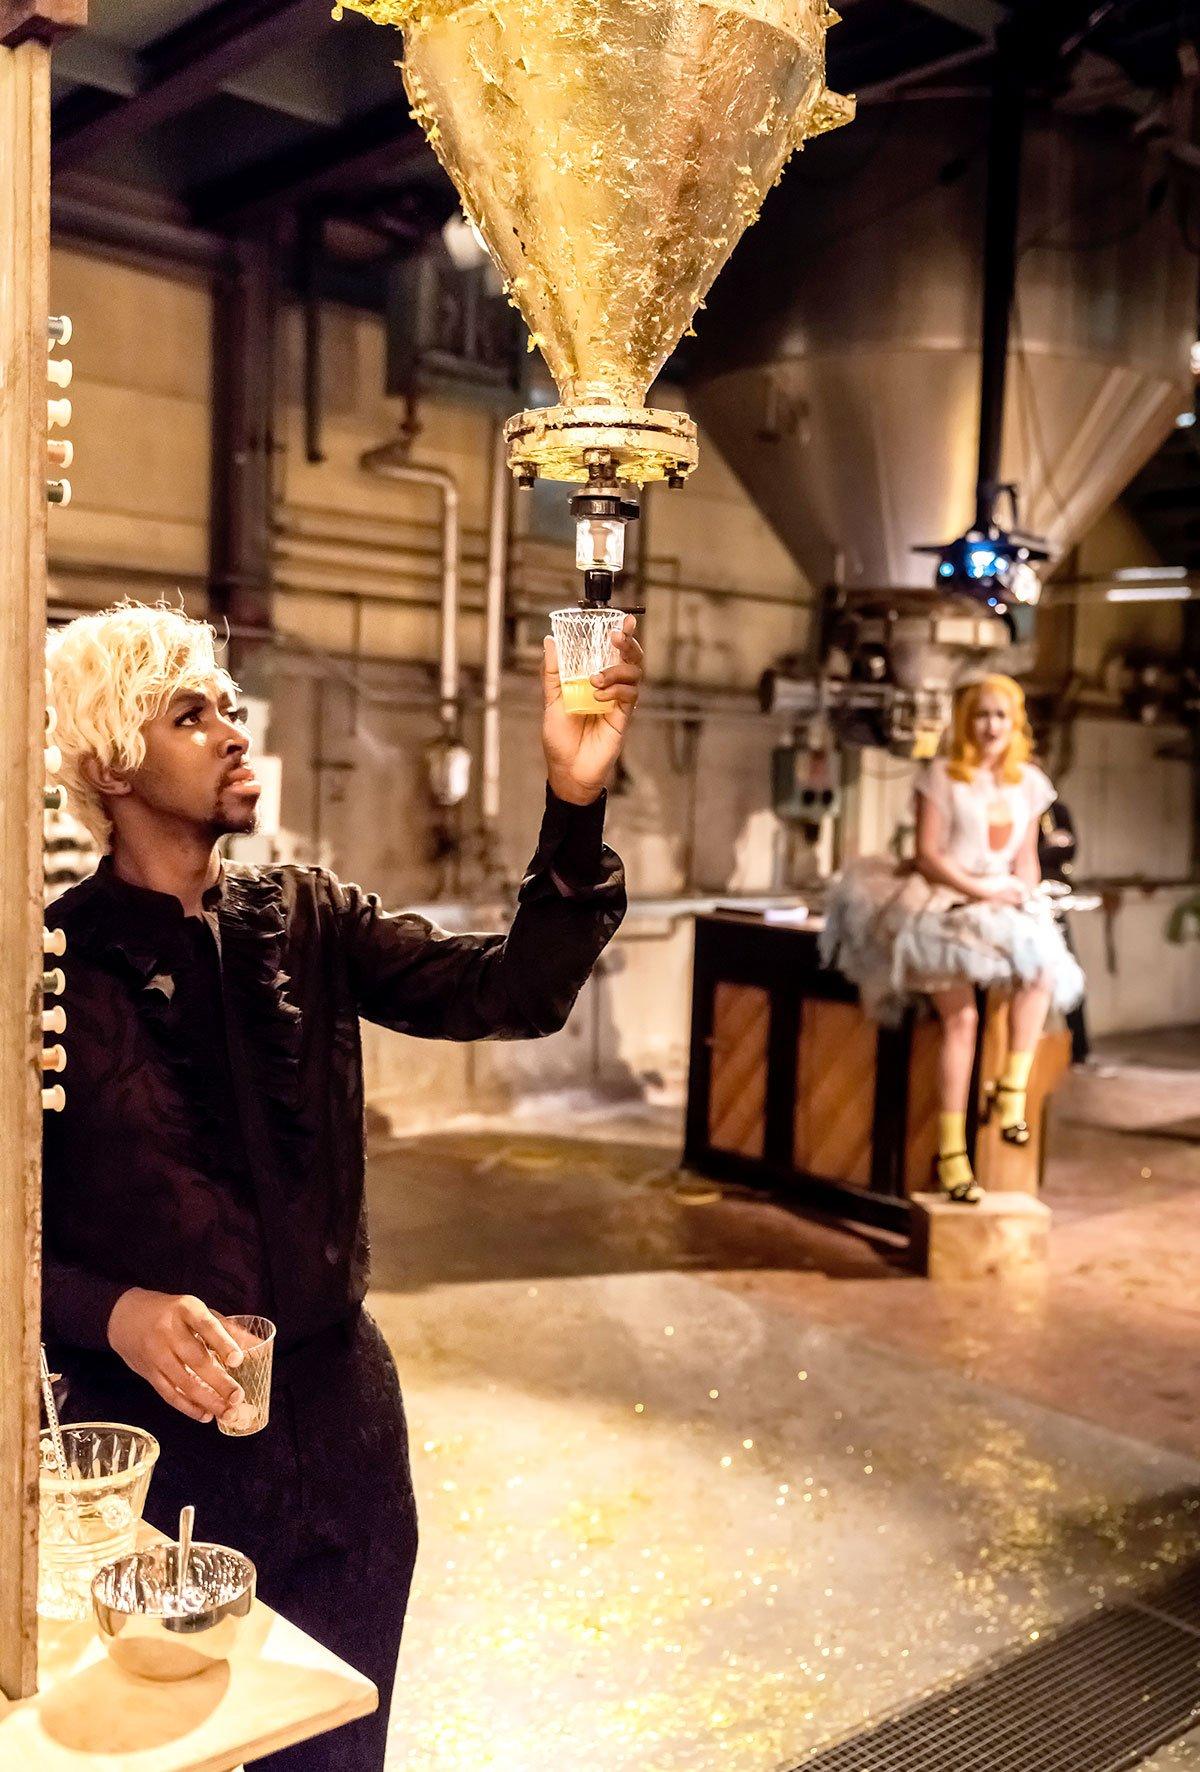 Party im Herzogspalast: Sparafucile (Vuyani Mline) und Contessa di Ceprano (Jeanett Neumeister). (Bild: Luzerner Theater/Ingo Höhn)